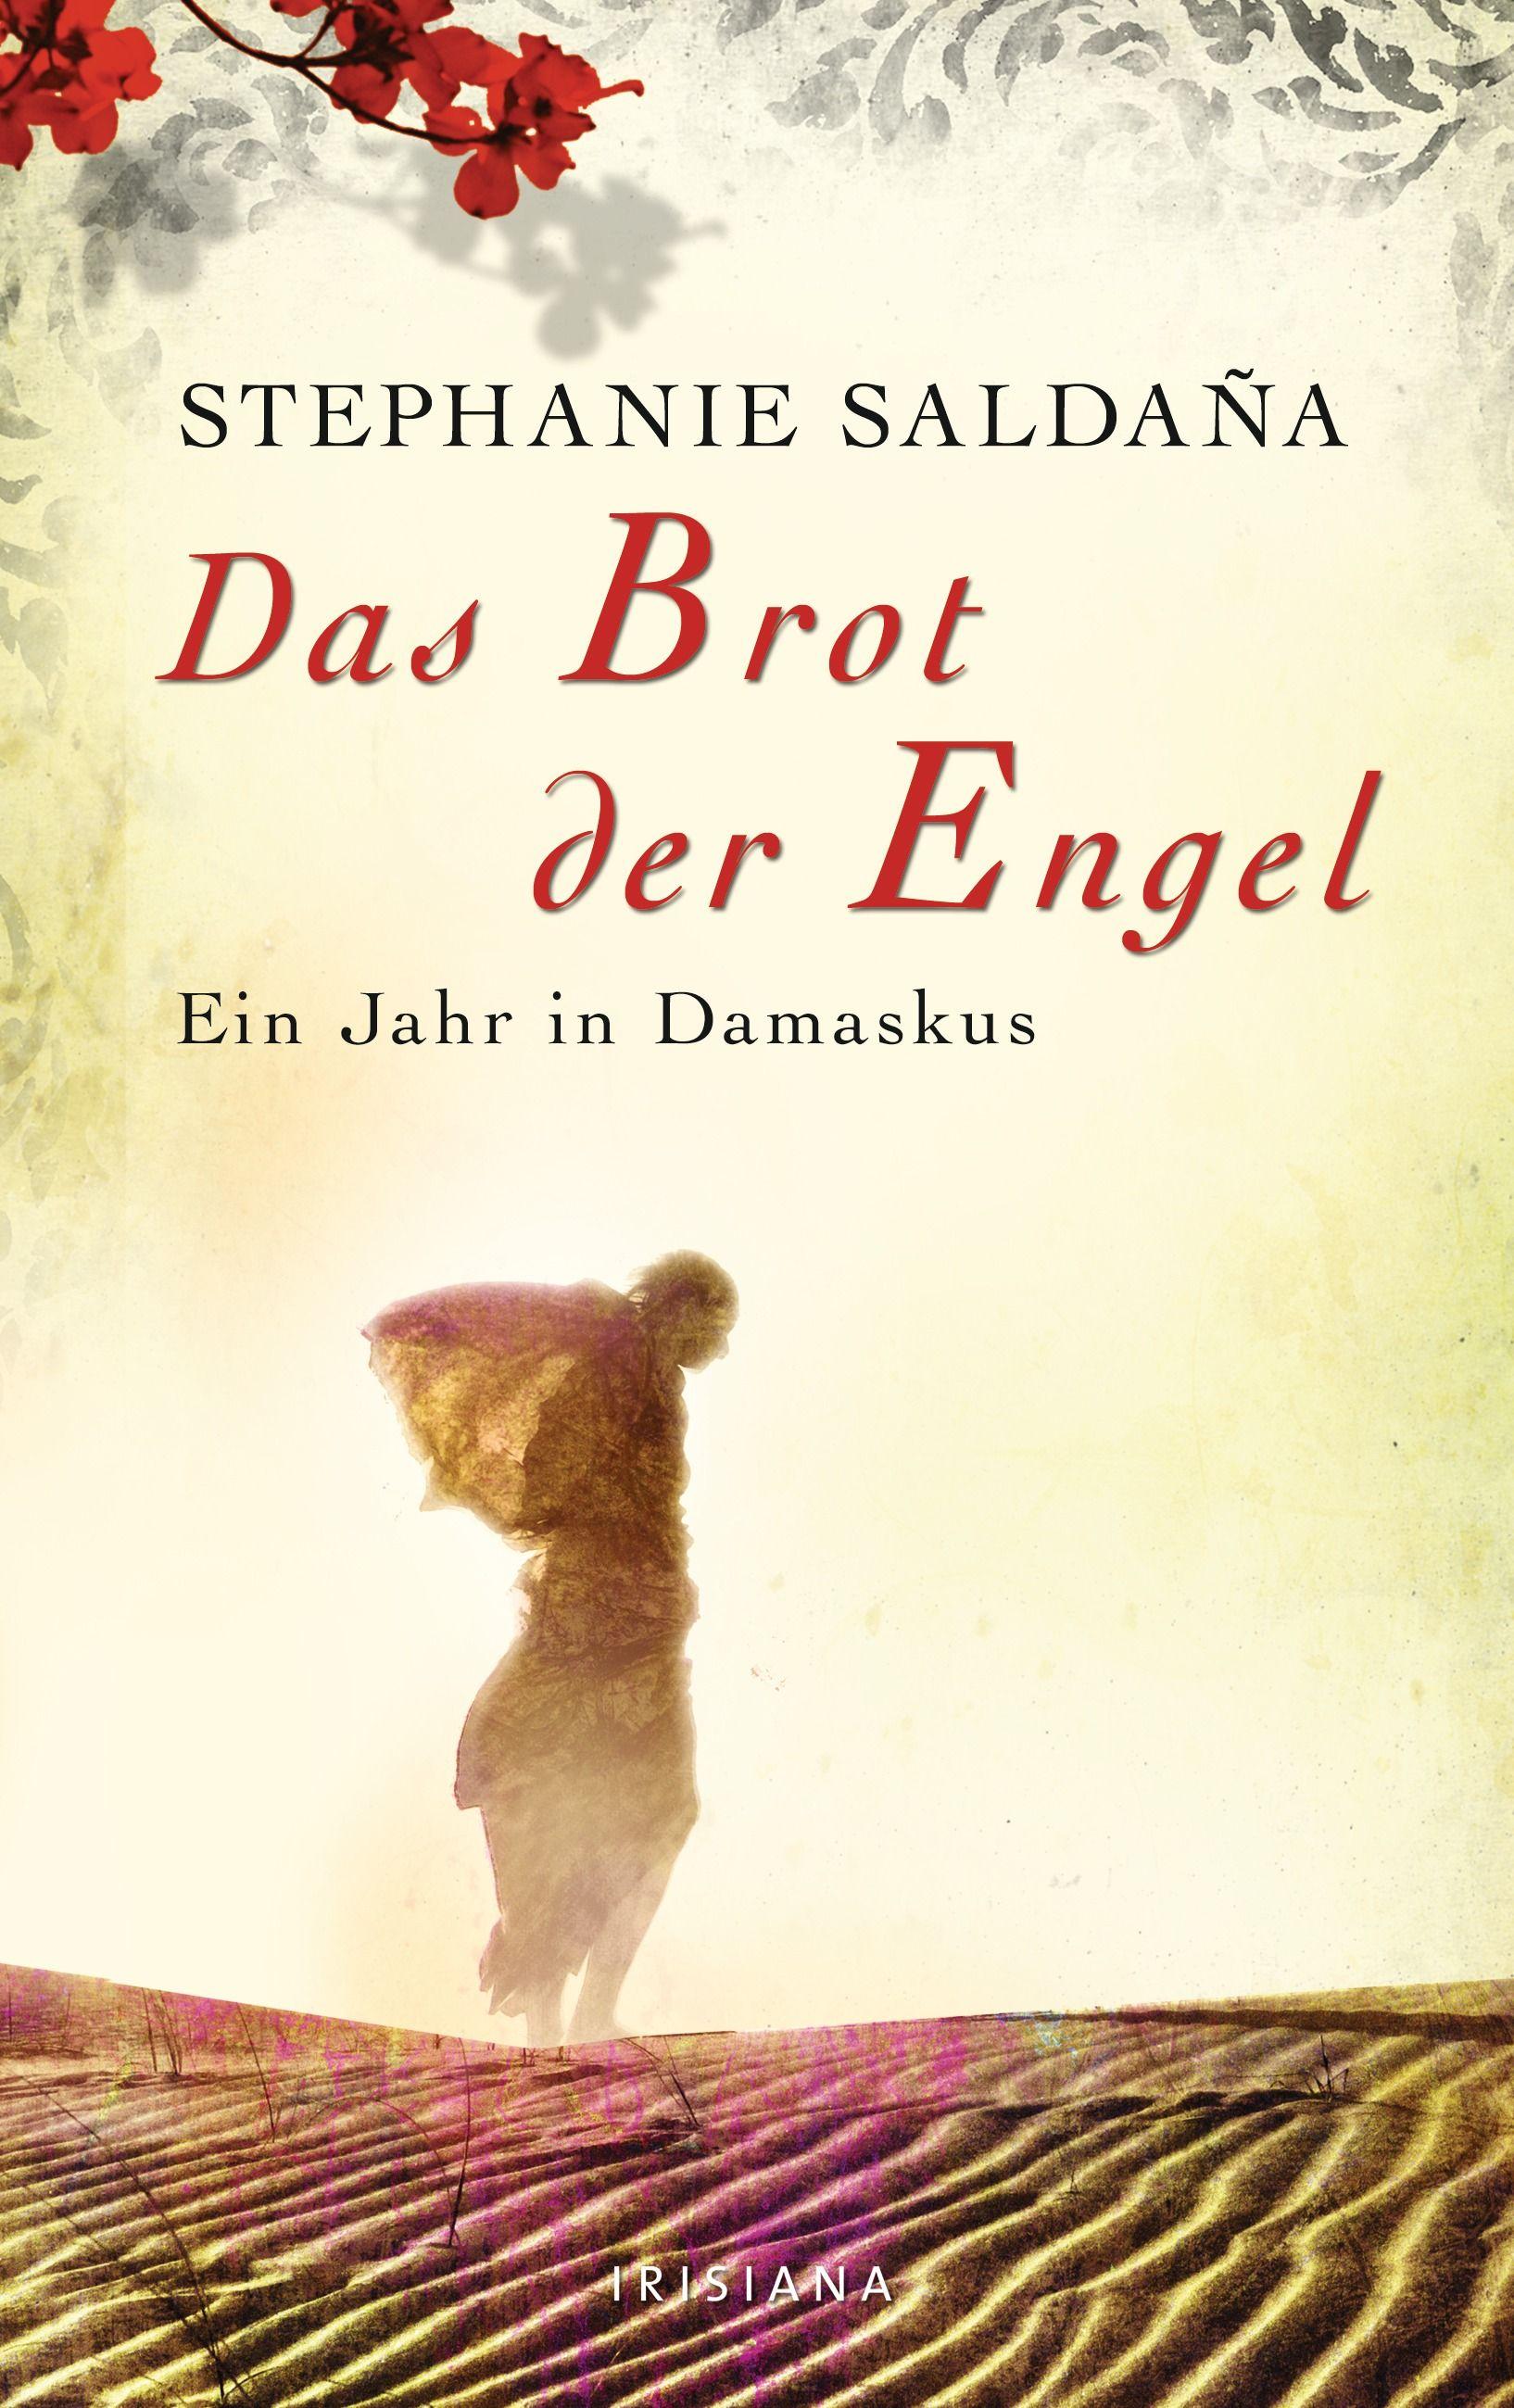 Von Zweifeln Und Der Liebe Eine Buchempfehlung Von Barbara Schumann Zum Buch Das Brot Der Engel Von Stephanie Saldana Au Bucher Buchempfehlungen Literatur